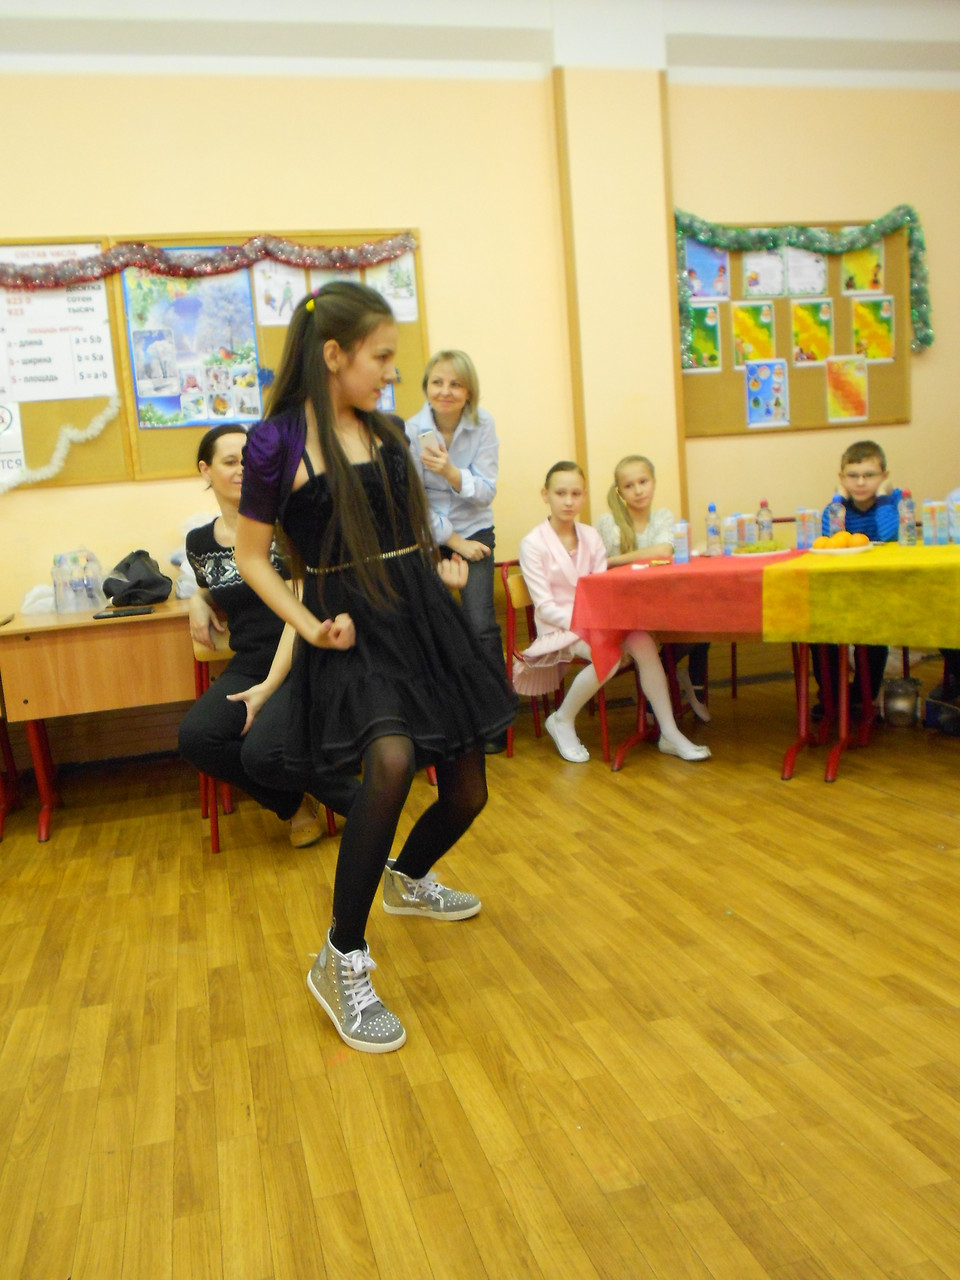 Танец «Щелкунчик» в исполнении Александры Гавриловой.